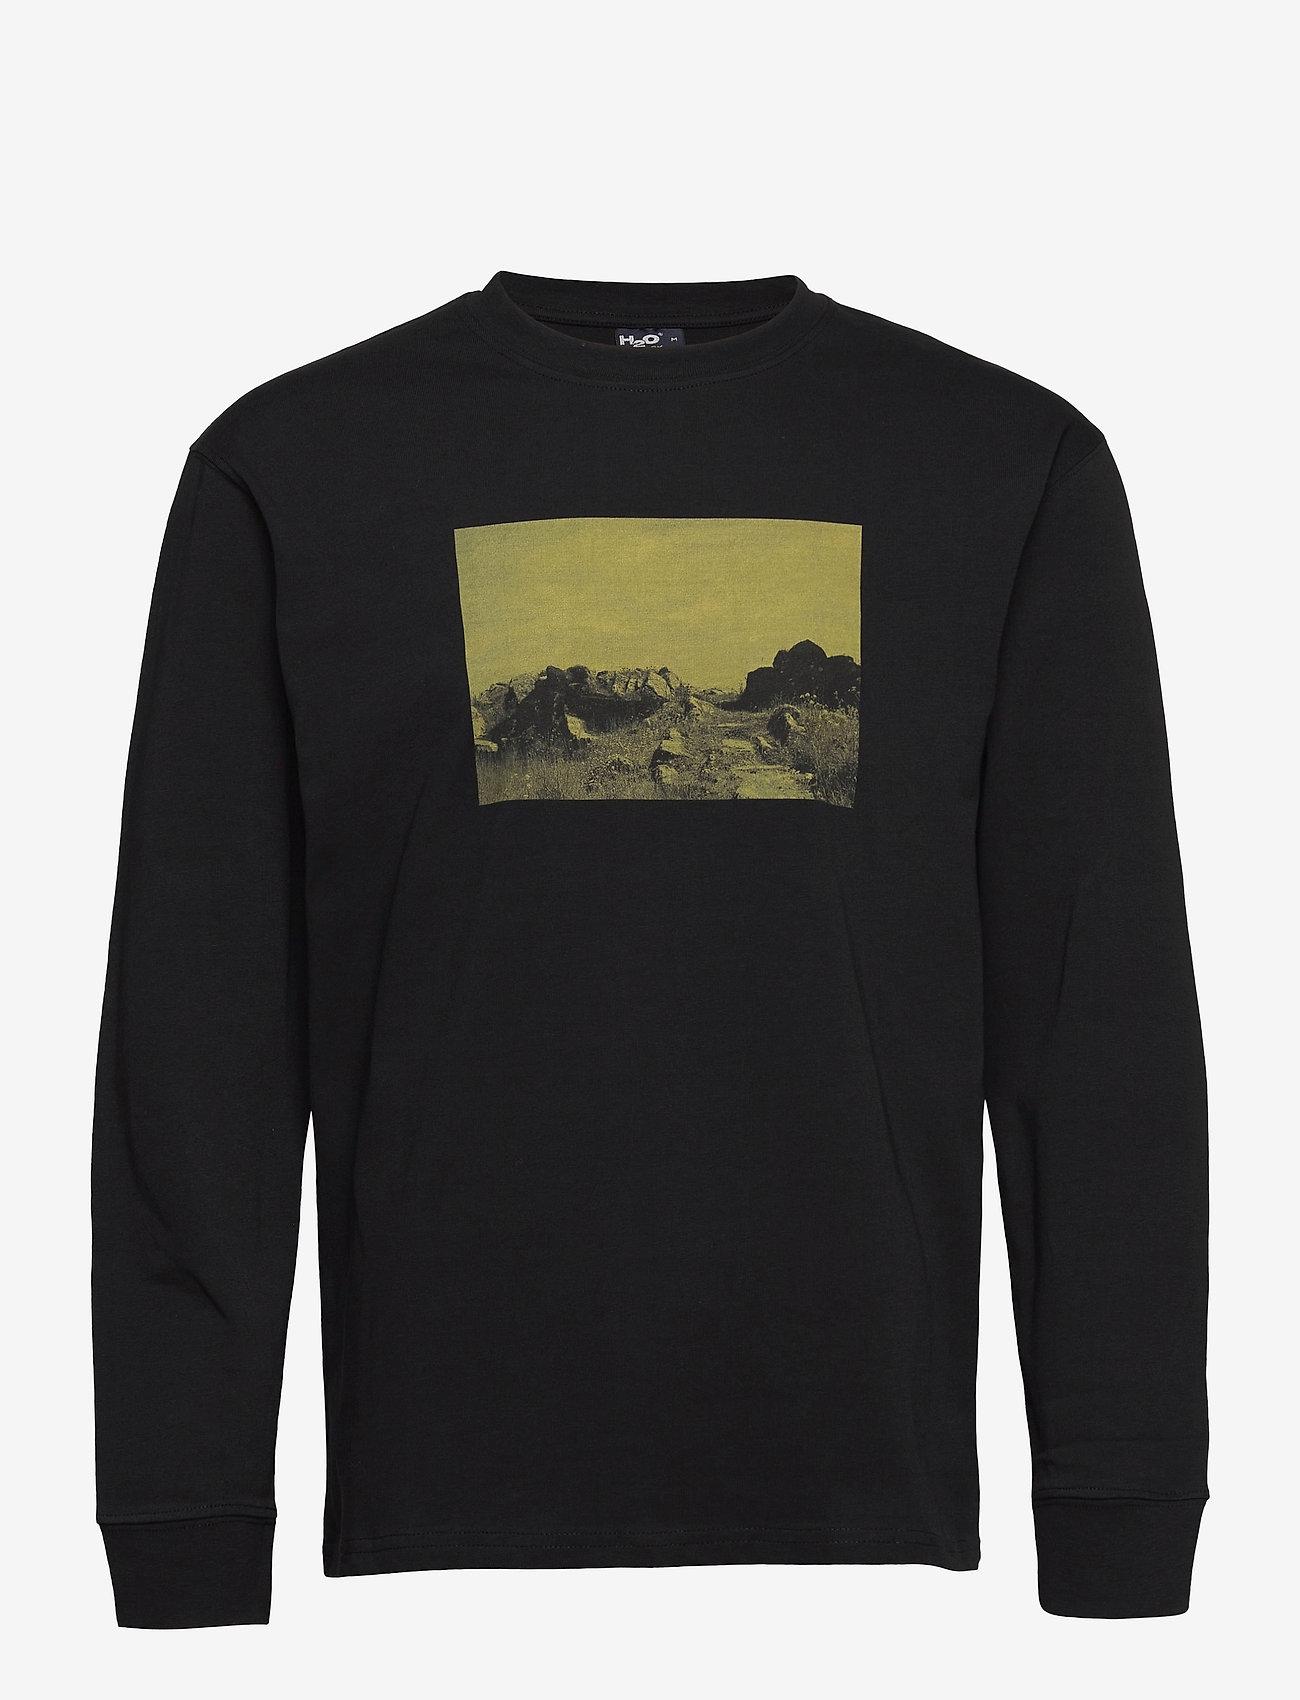 H2O - Romø Tee L/S - langærmede t-shirts - black - 0